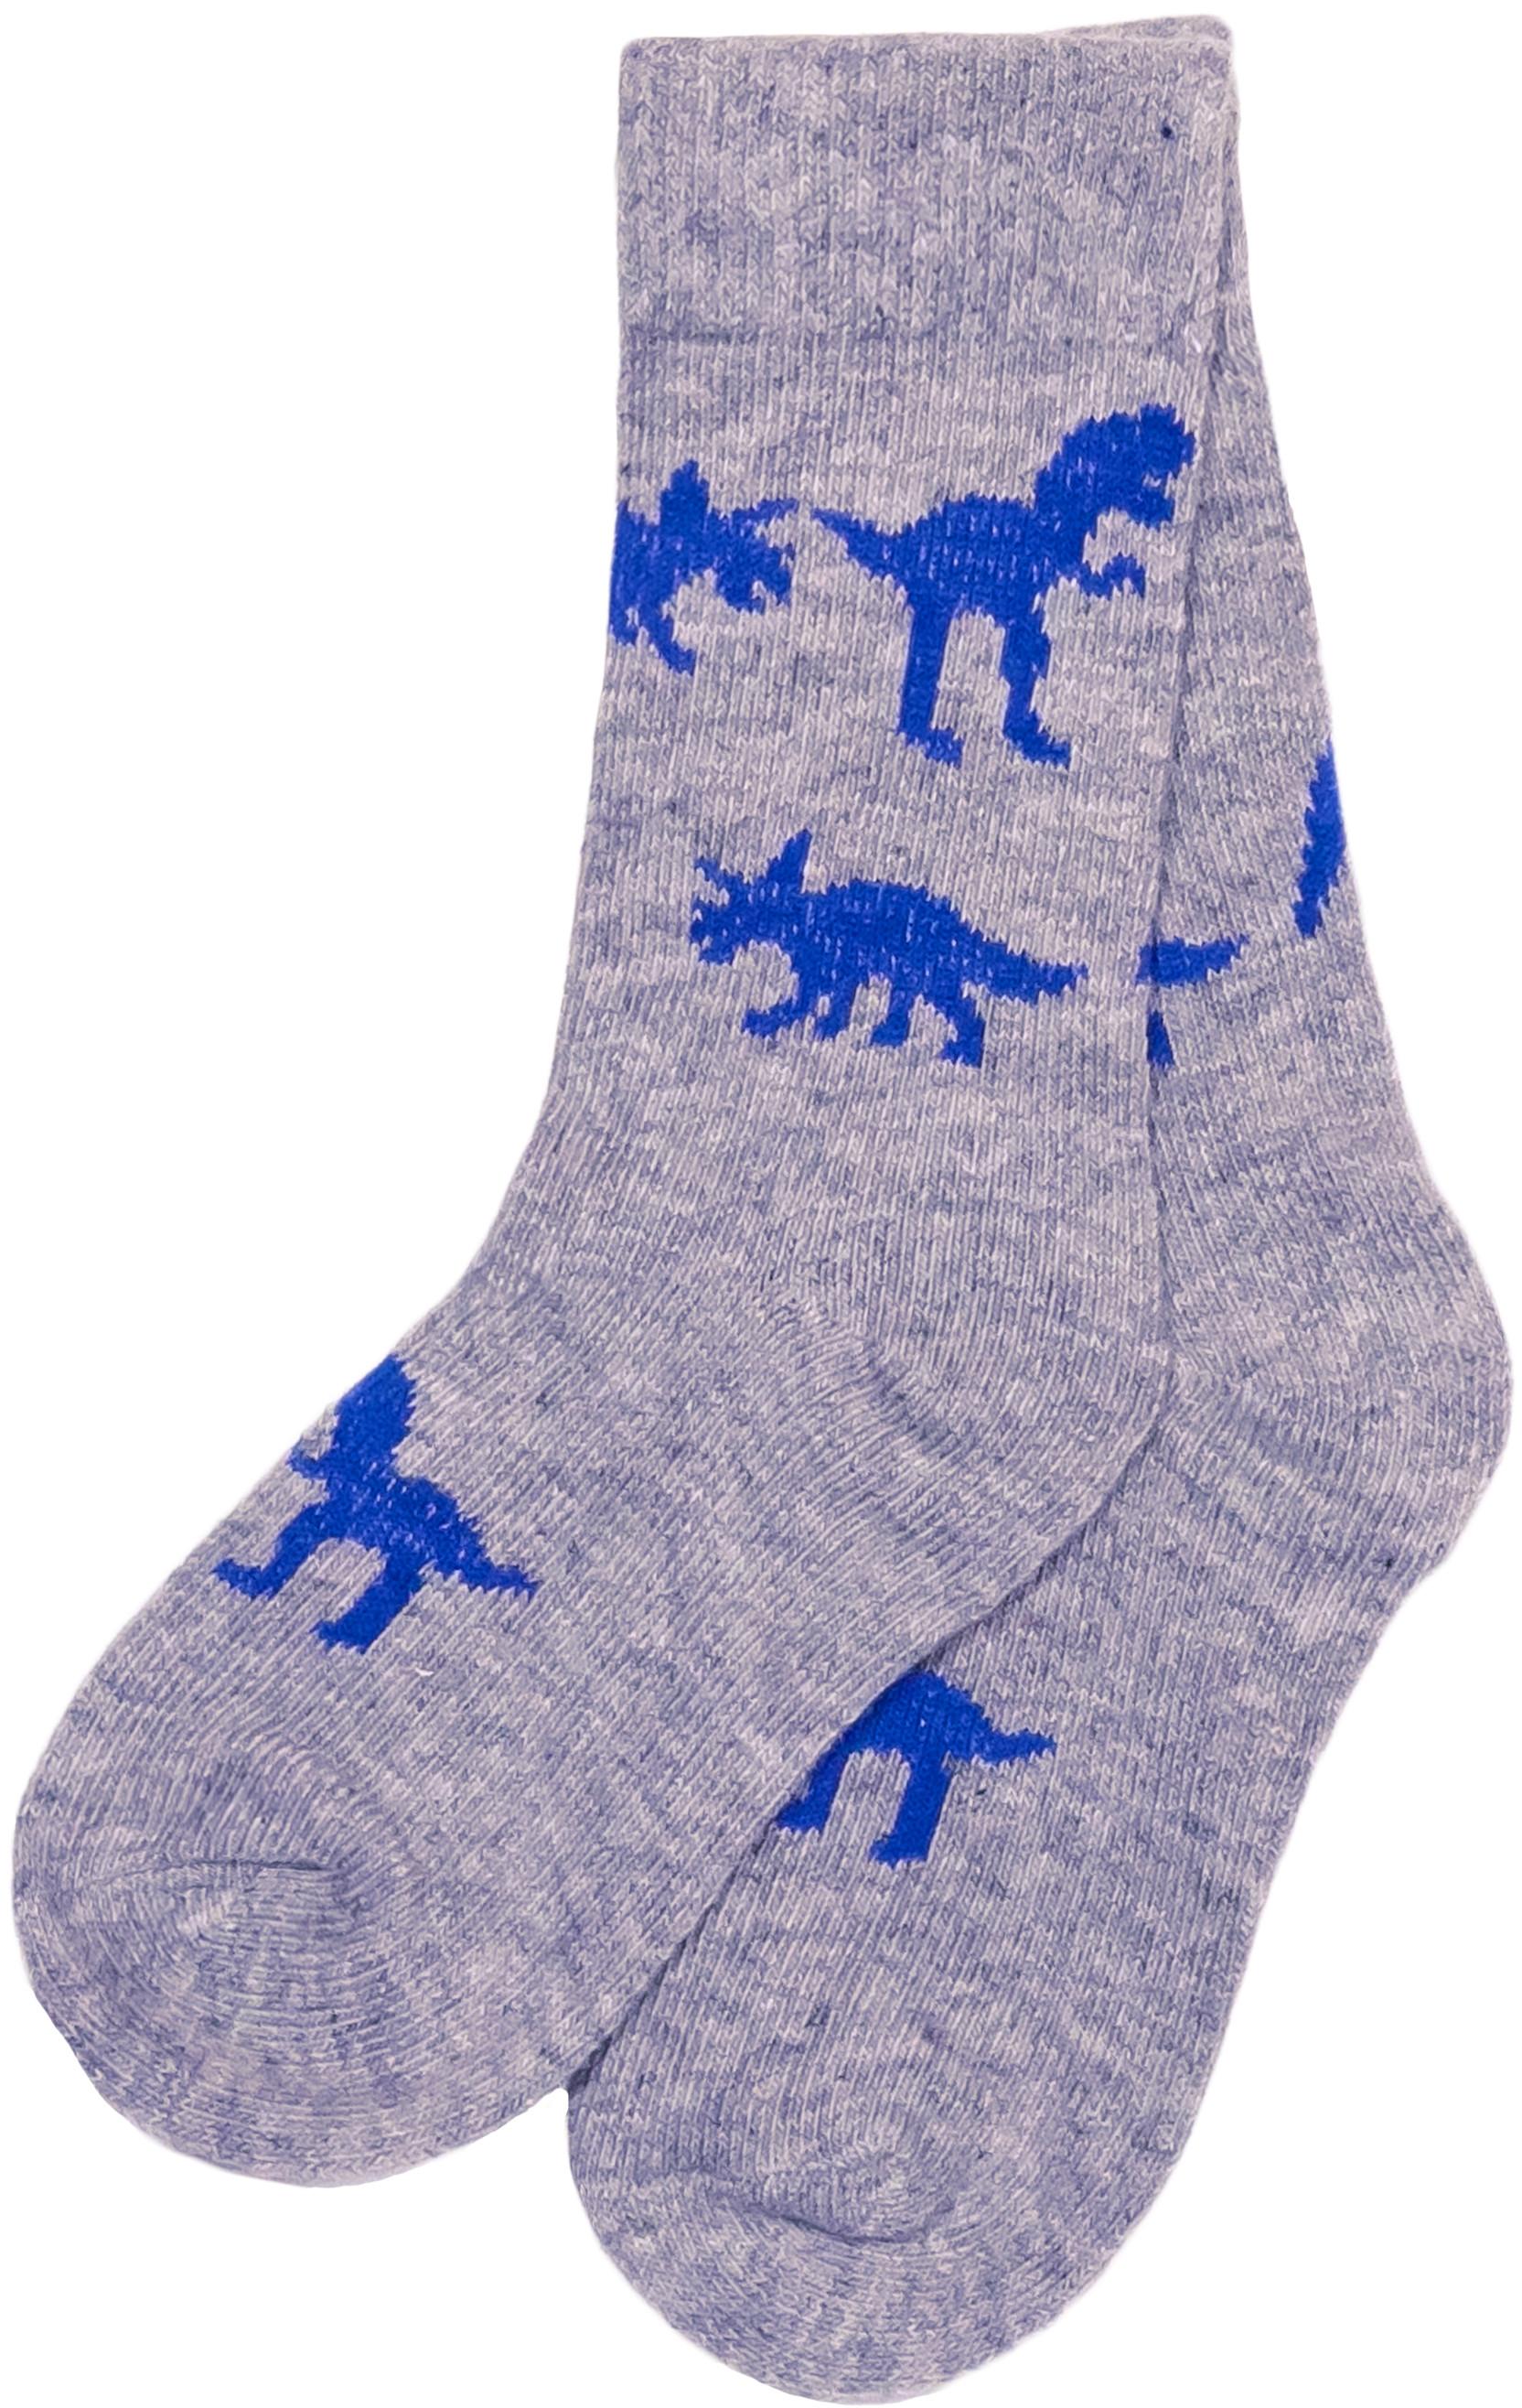 Носки для мальчика Barkito S18B4003T(2) носки barkito носки для мальчика комплект 3 пары barkito темно синие серые темно синие с рисунком в полоску